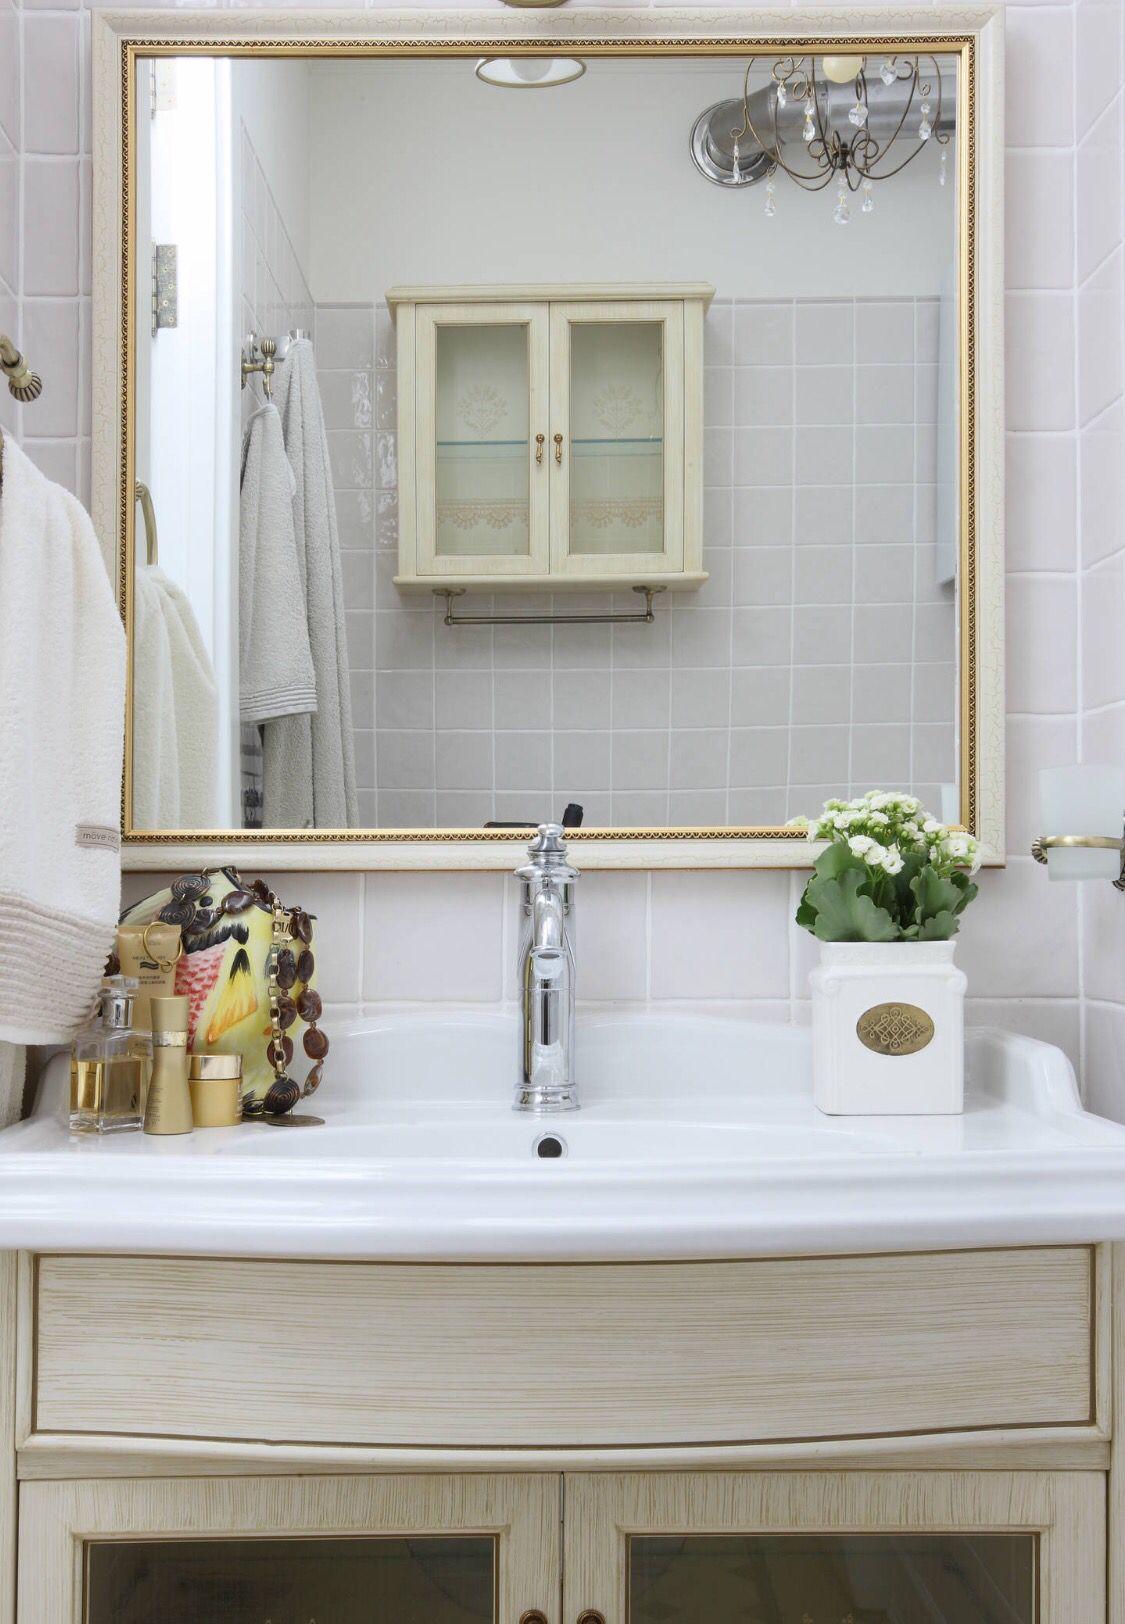 люкс кассиди в ванной видео